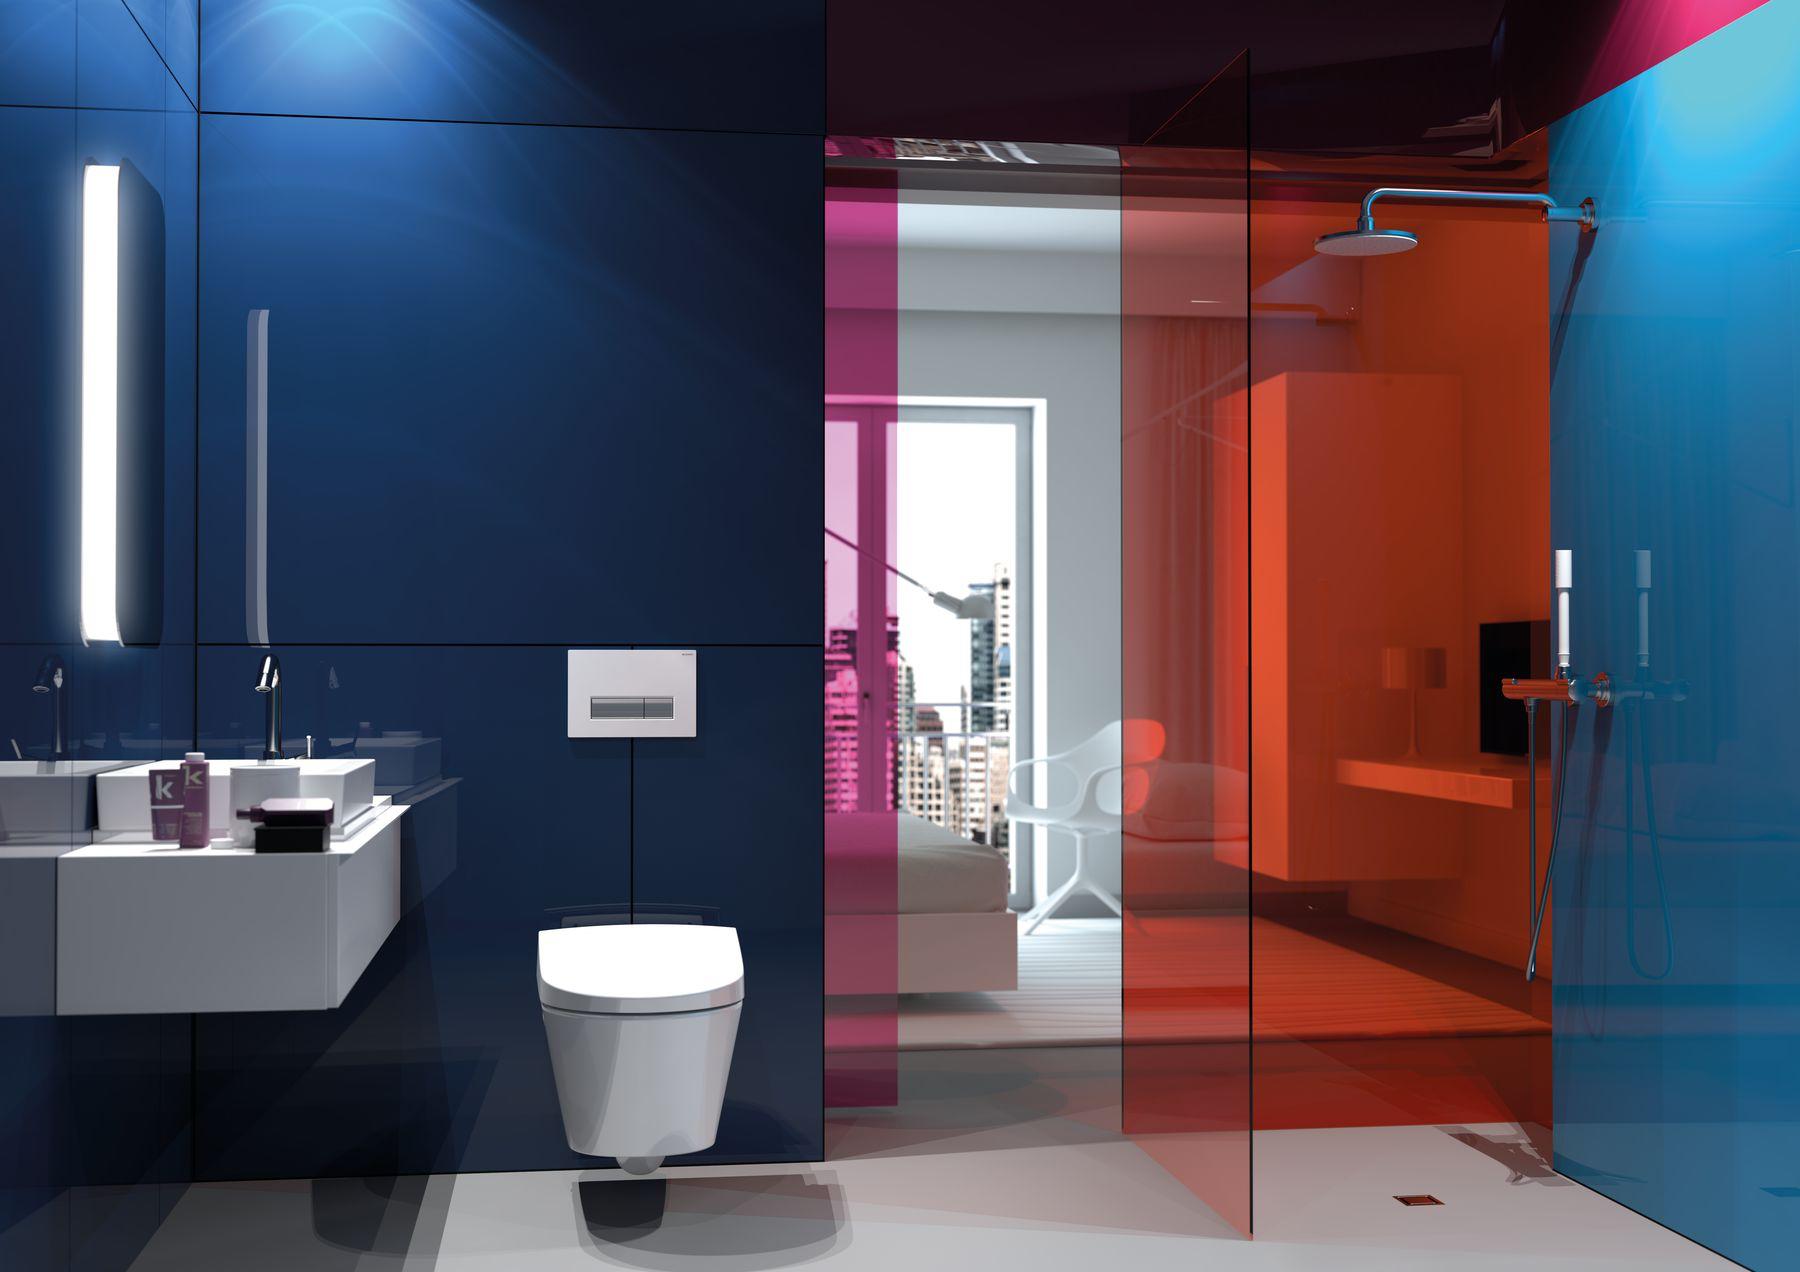 Waterbesparend spoelsysteem van Geberit - toilet Aquaclean Sela met spoelsysteem Sigma 40